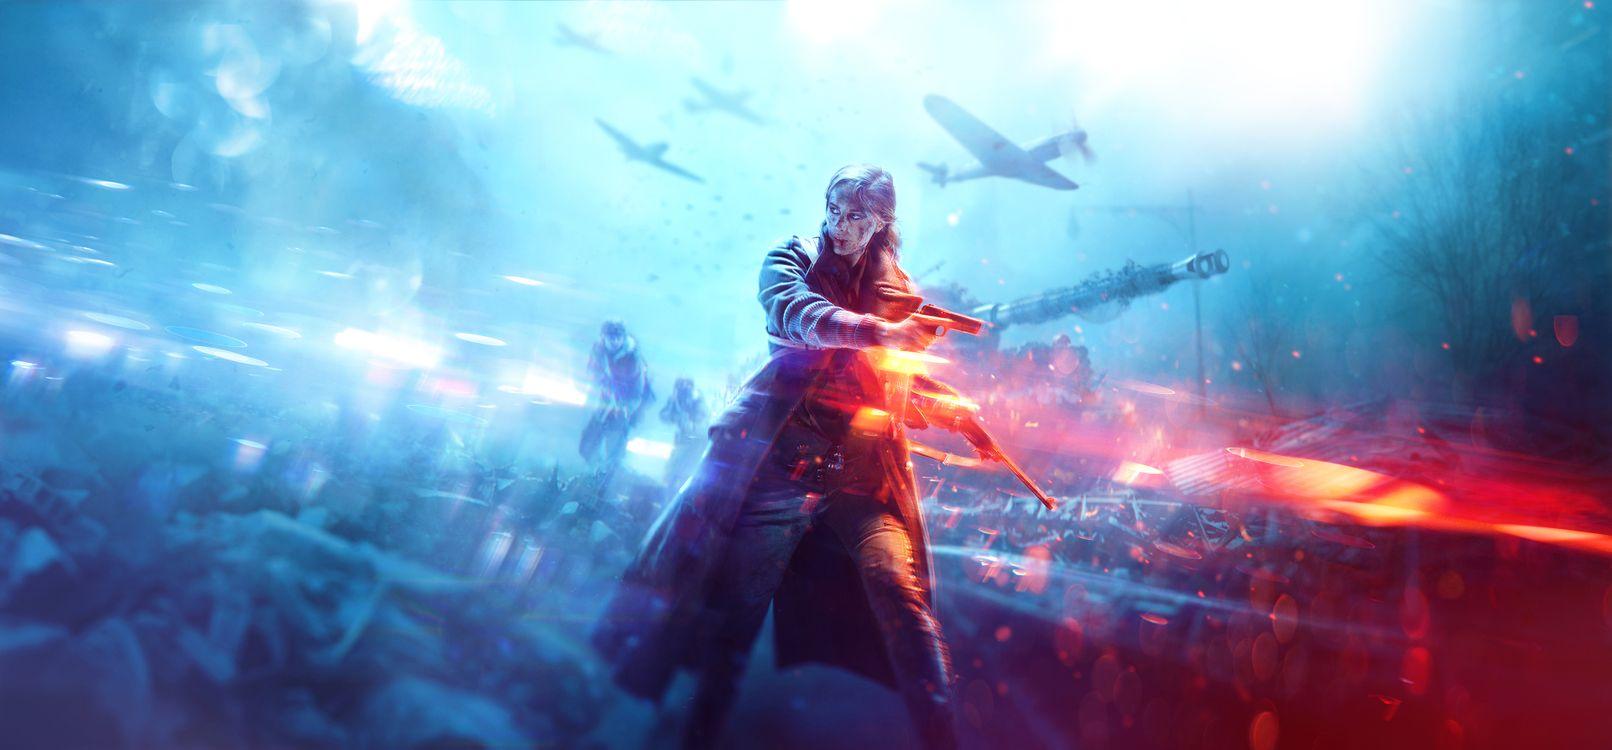 Фото бесплатно Battlefield, из боя в бой, Игры-2018 - на рабочий стол